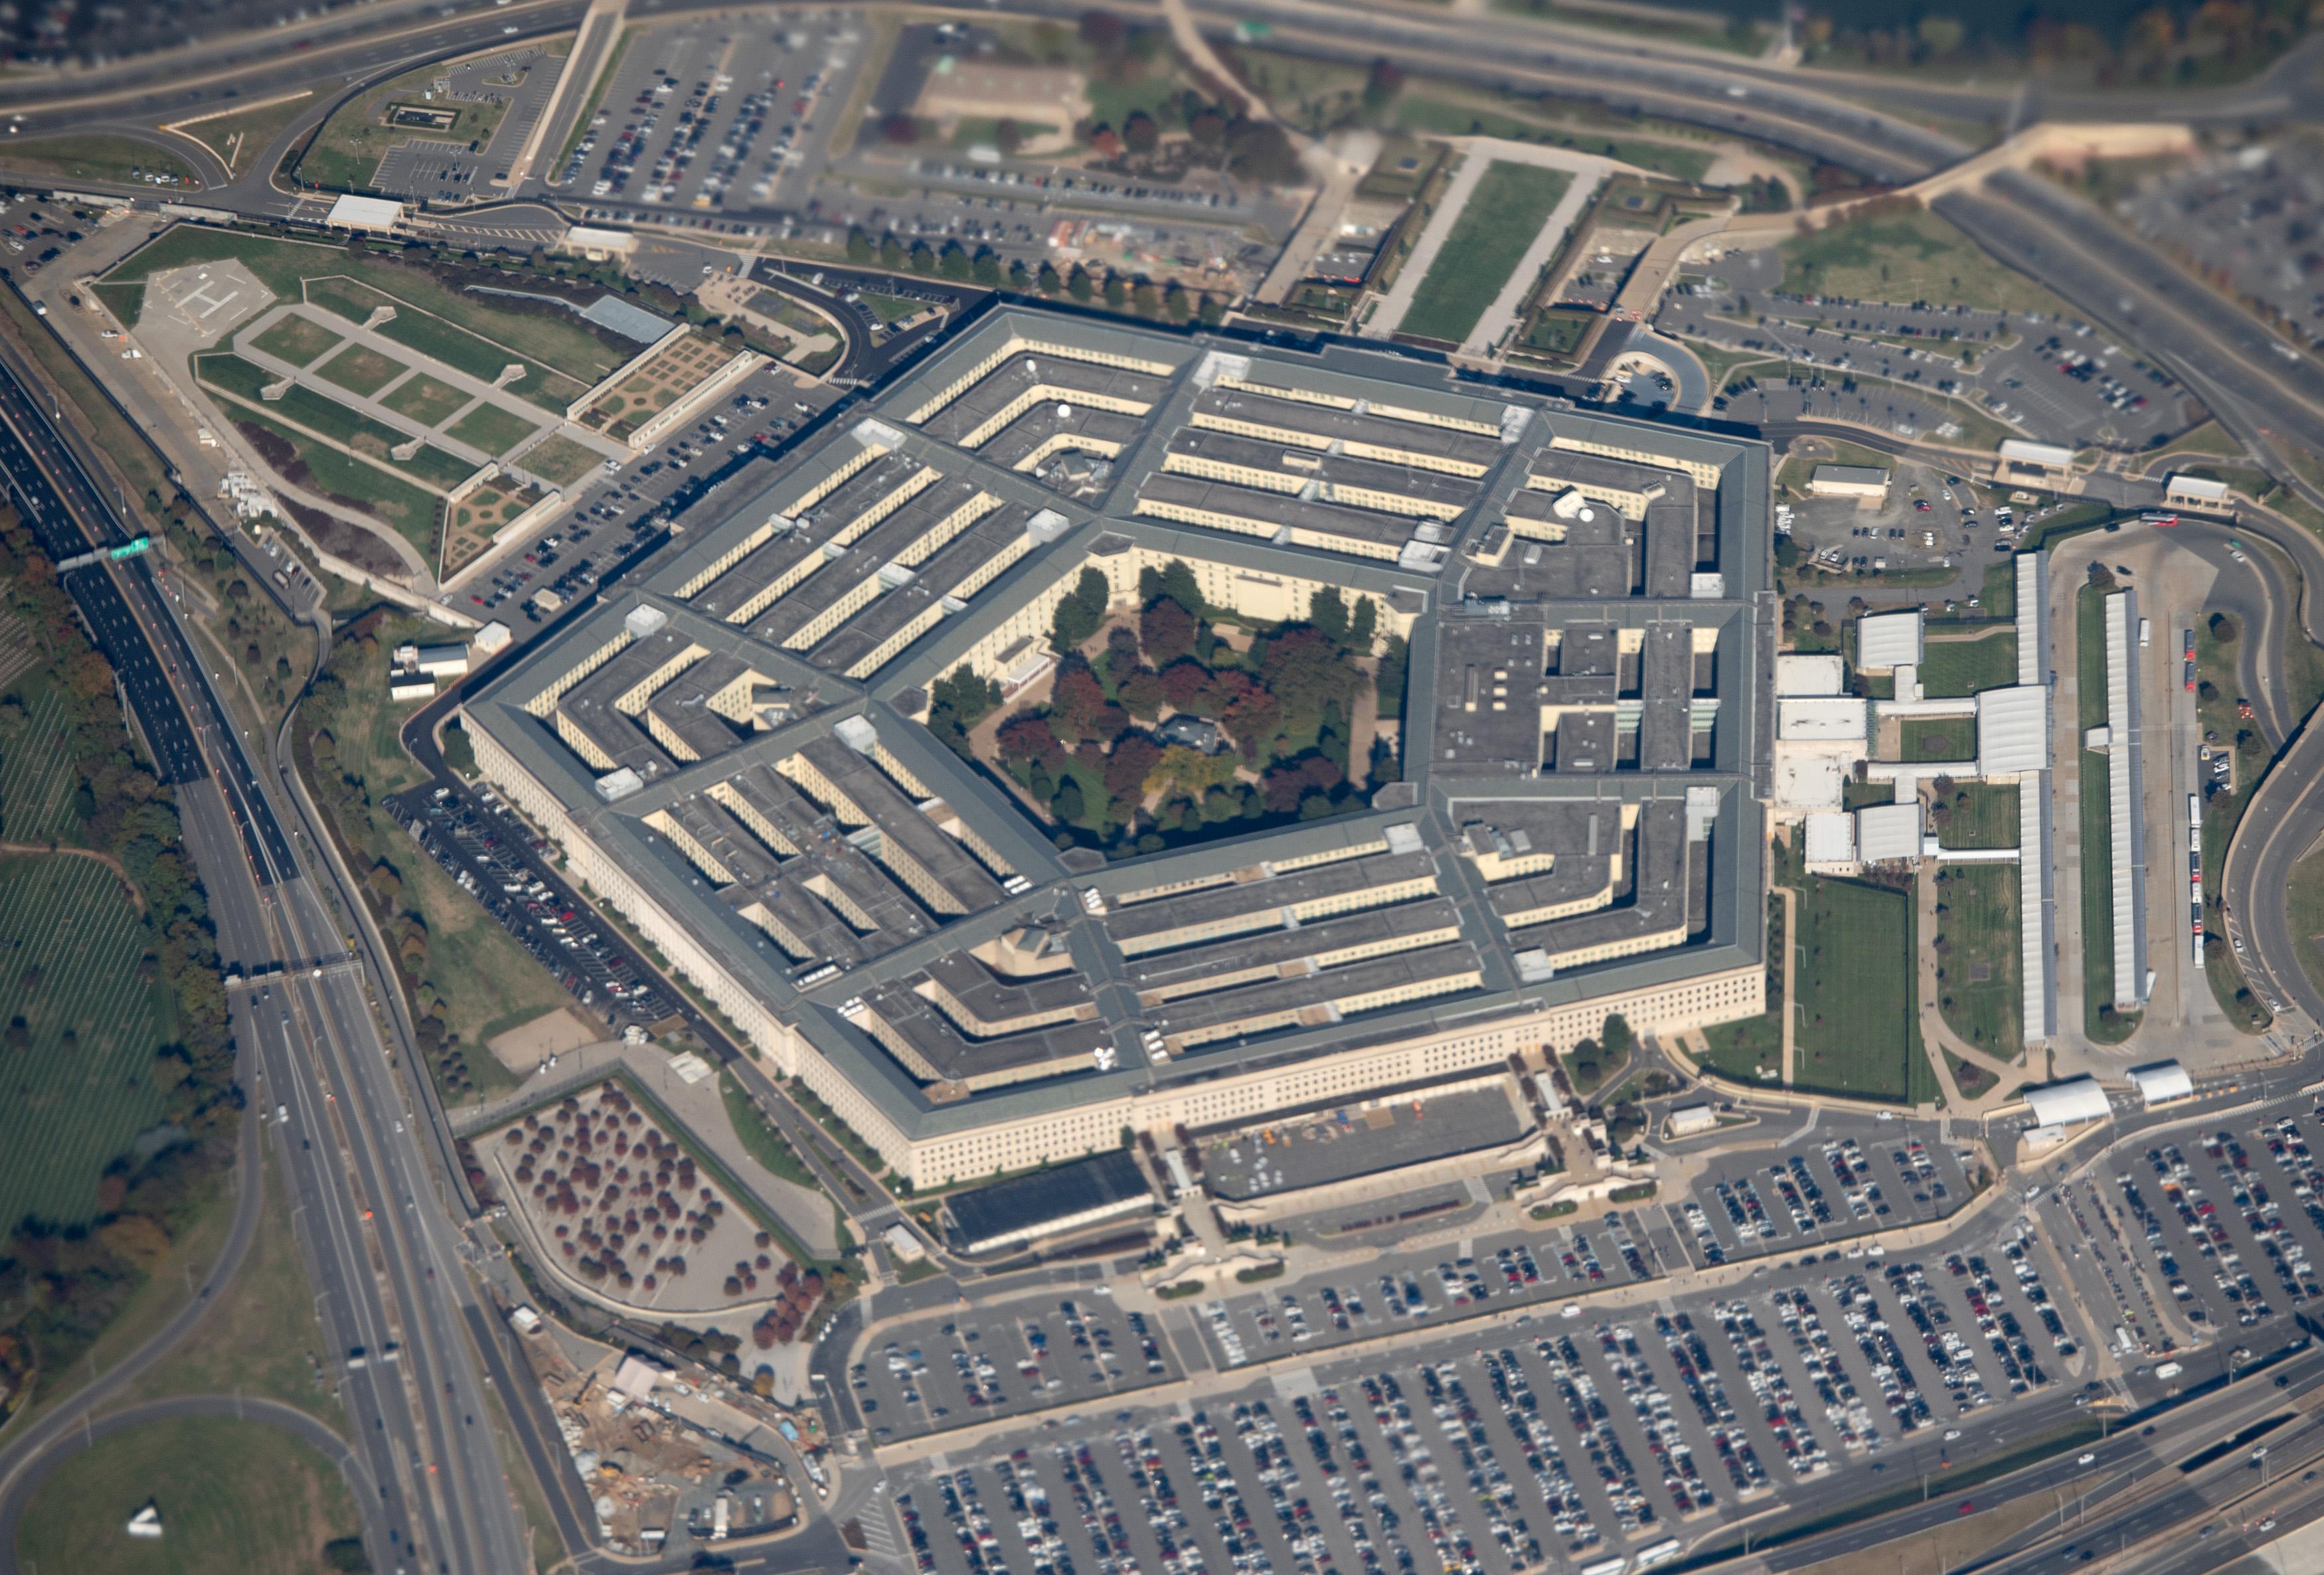 美宣佈製造導彈部件 中共害怕的事情發生了